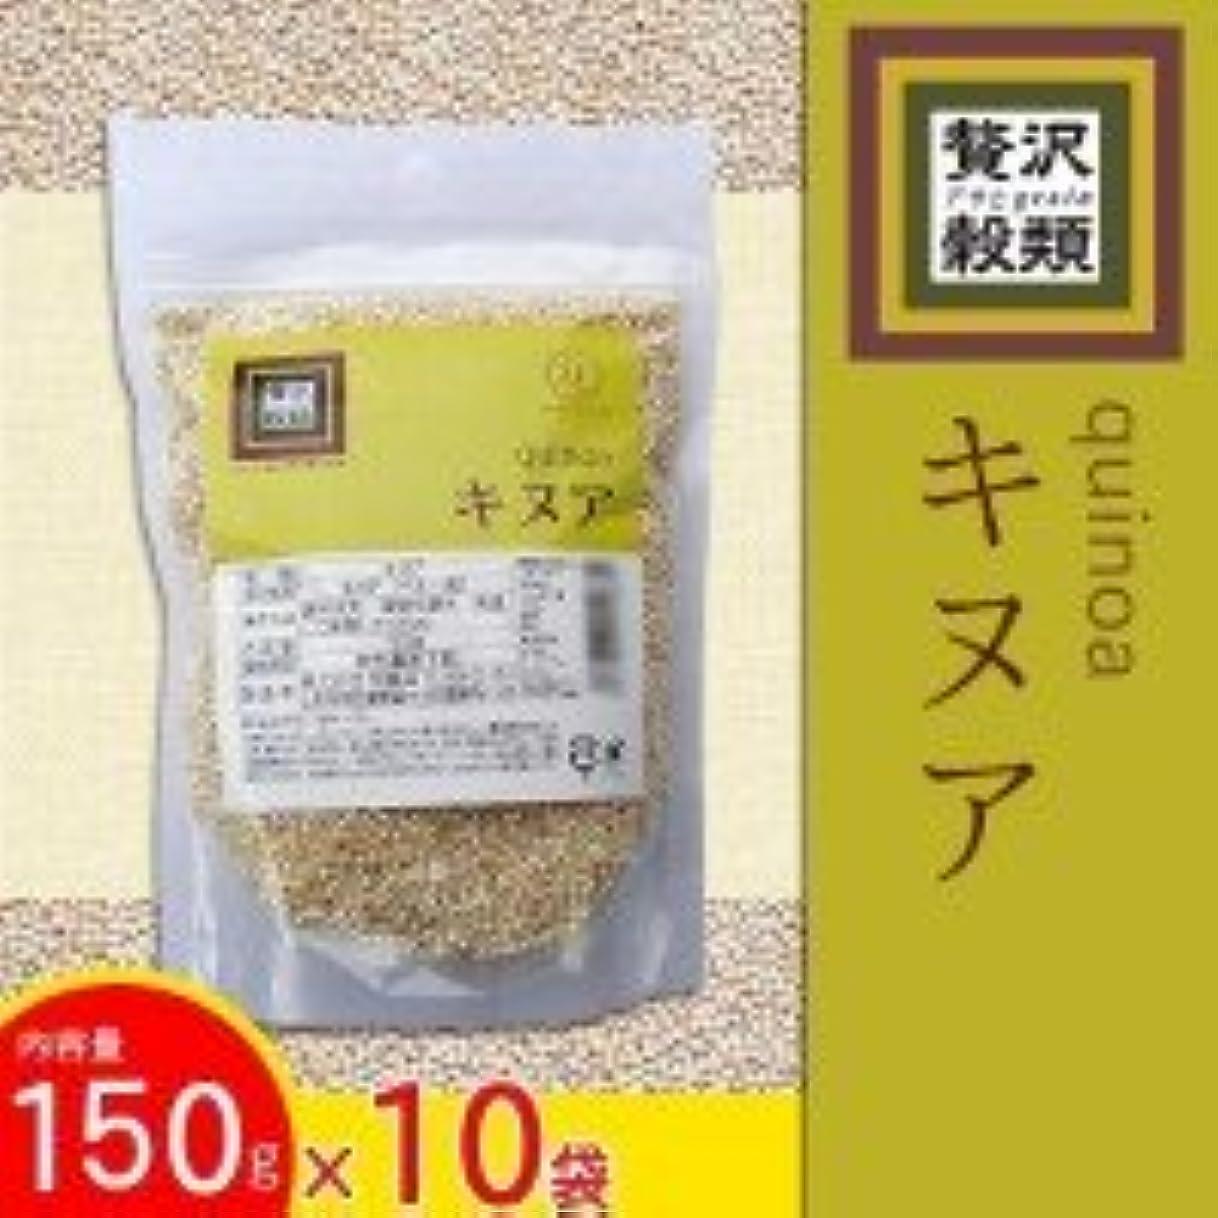 うがい薬改善する喜劇贅沢穀類 キヌア 150g×10袋